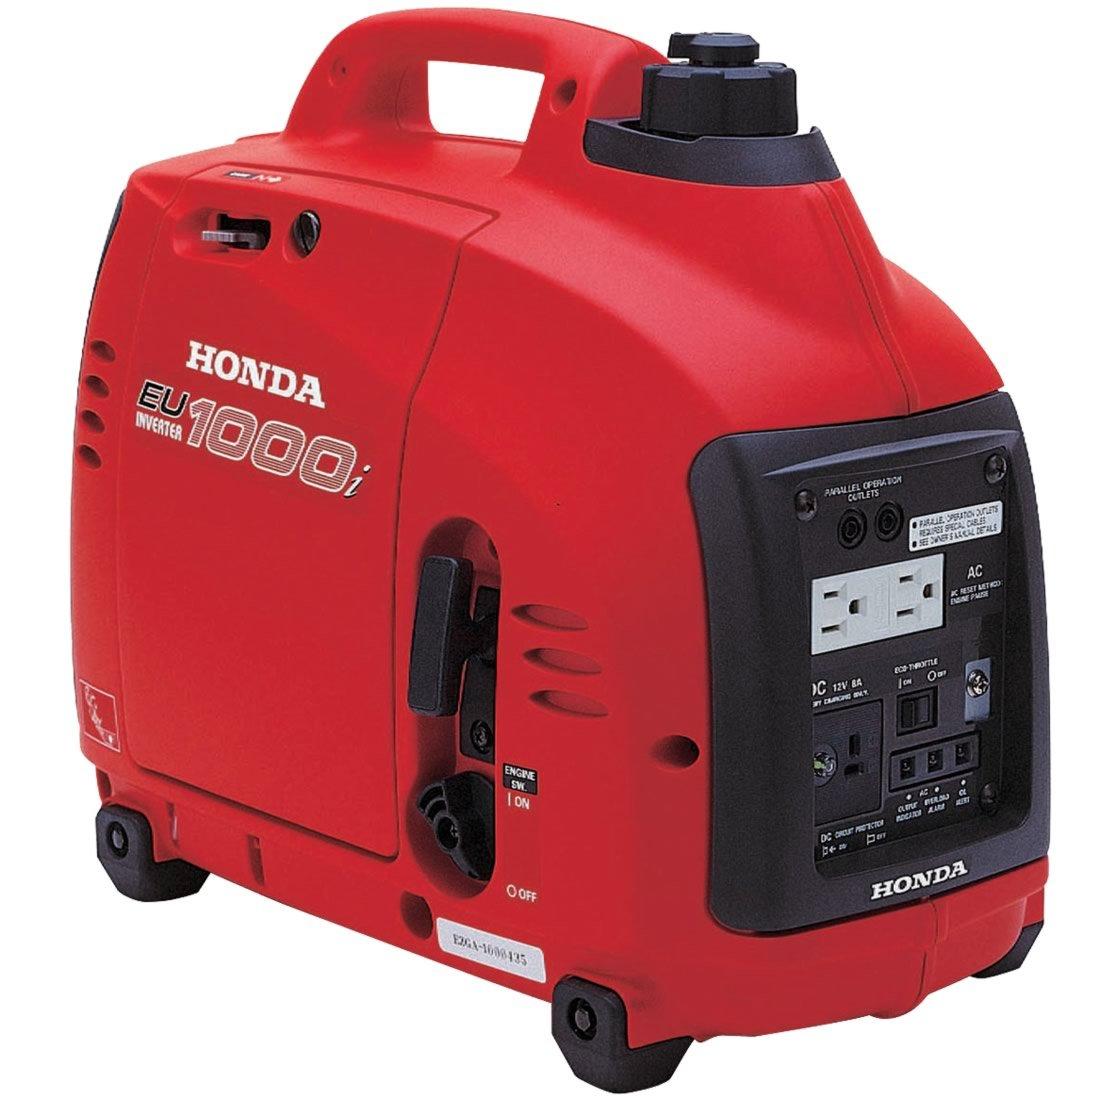 Amazon.com : Honda Super Quiet Gasoline Portable Generator with Inverter  (1000Watt with Eco-Throttle and Oil Alert) : Garden & Outdoor